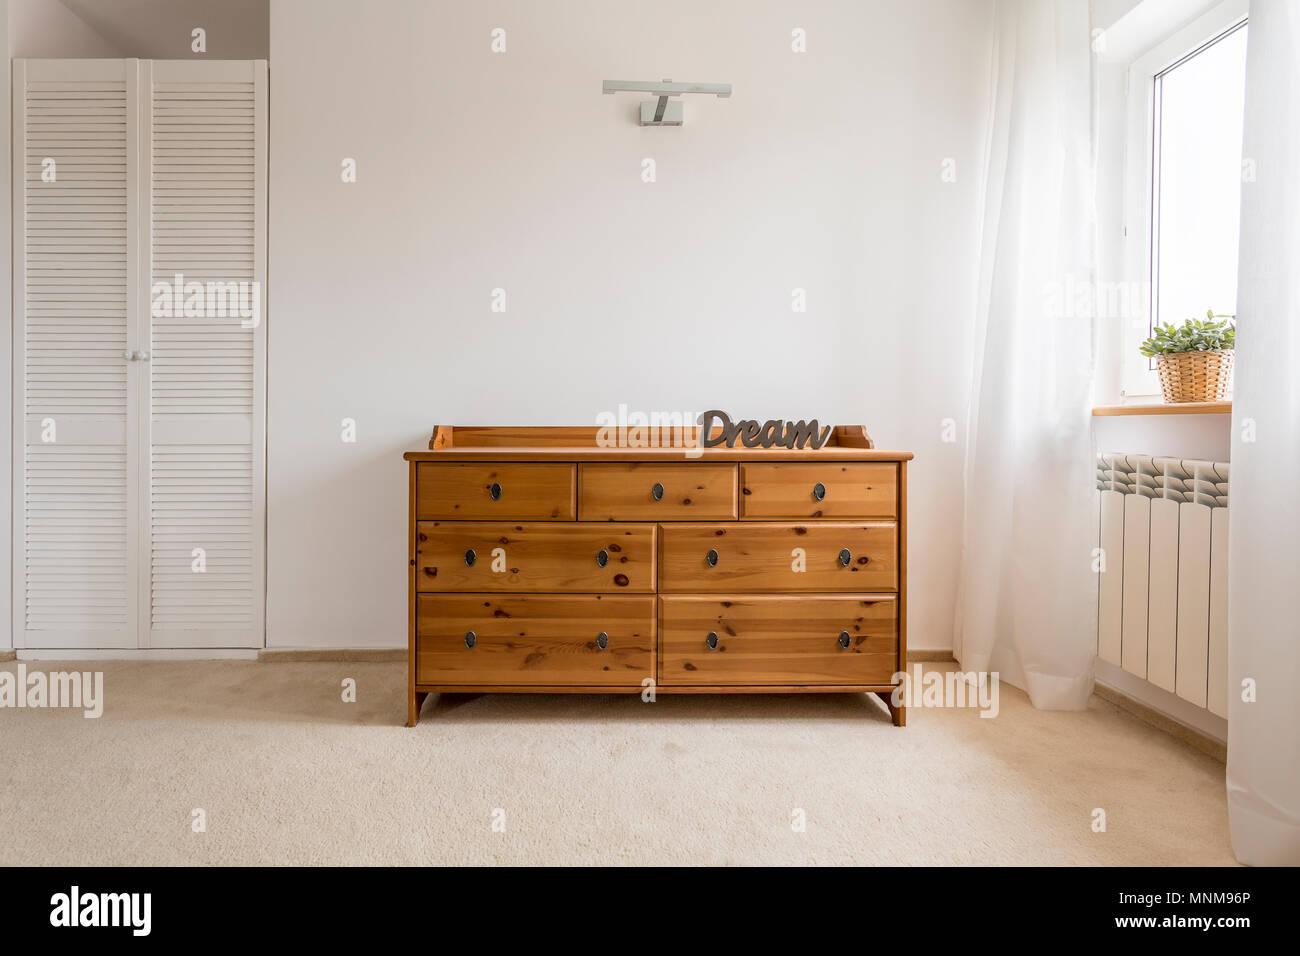 Licht Schlafzimmer mit Fenster und Holz kommode Stockfoto ...